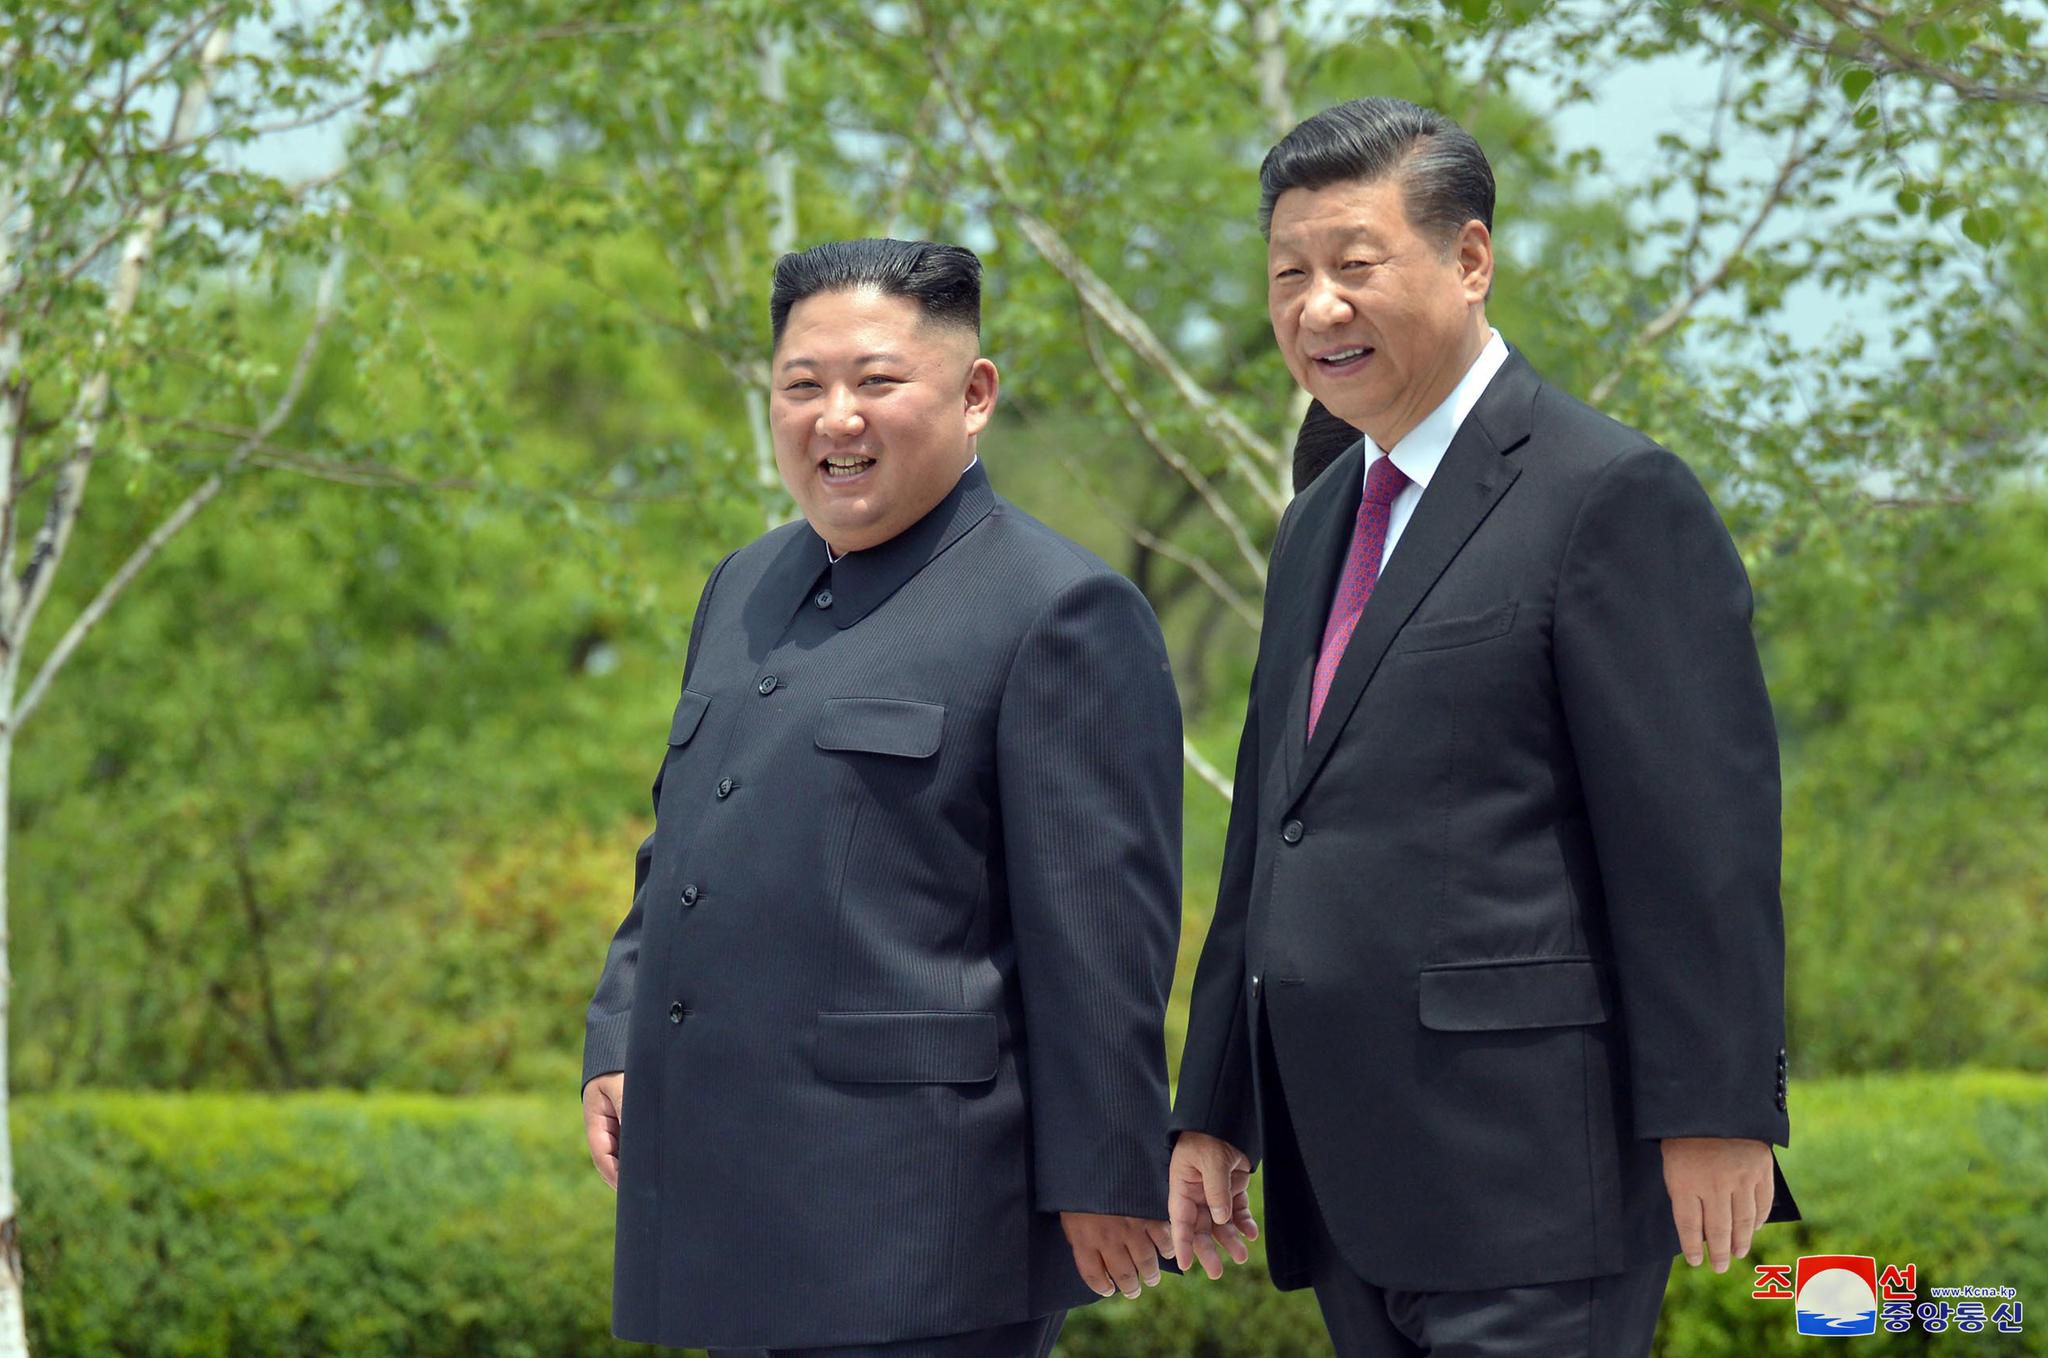 시진핑 중국 국가주석과 김정은 북한 국무위원장이 21일 평양 금수산영빈관에서 산책을 했다고 조선중앙통신이 22일 보도했다. [연합뉴스]